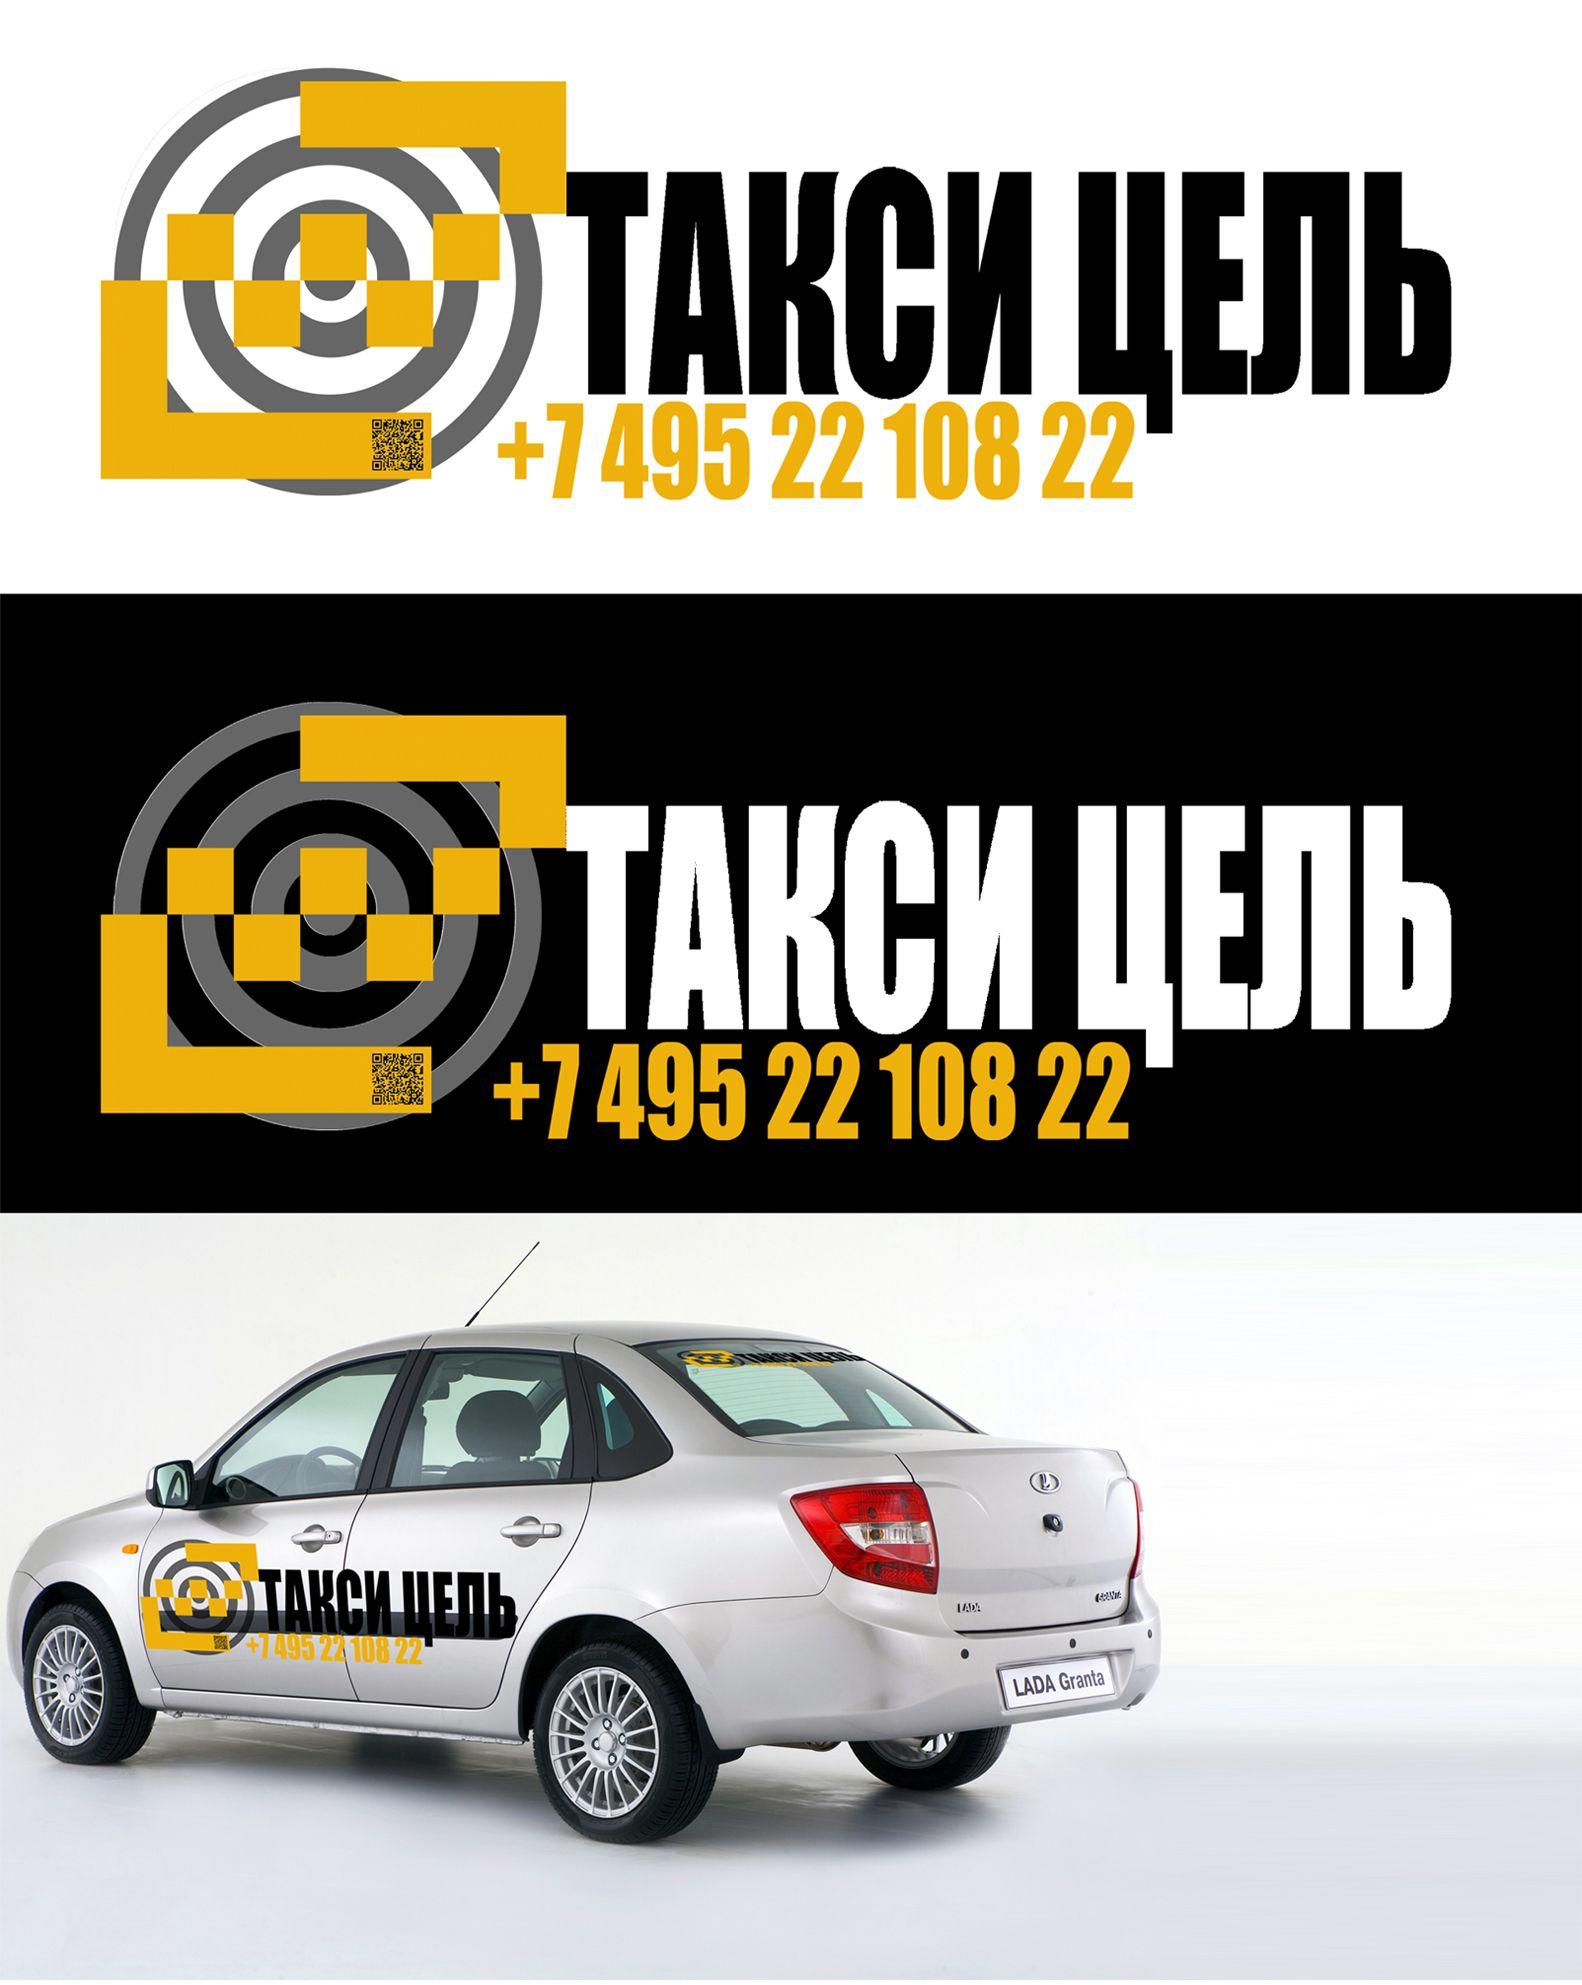 Рекламное оформление автомобиля такси - дизайнер Velo16